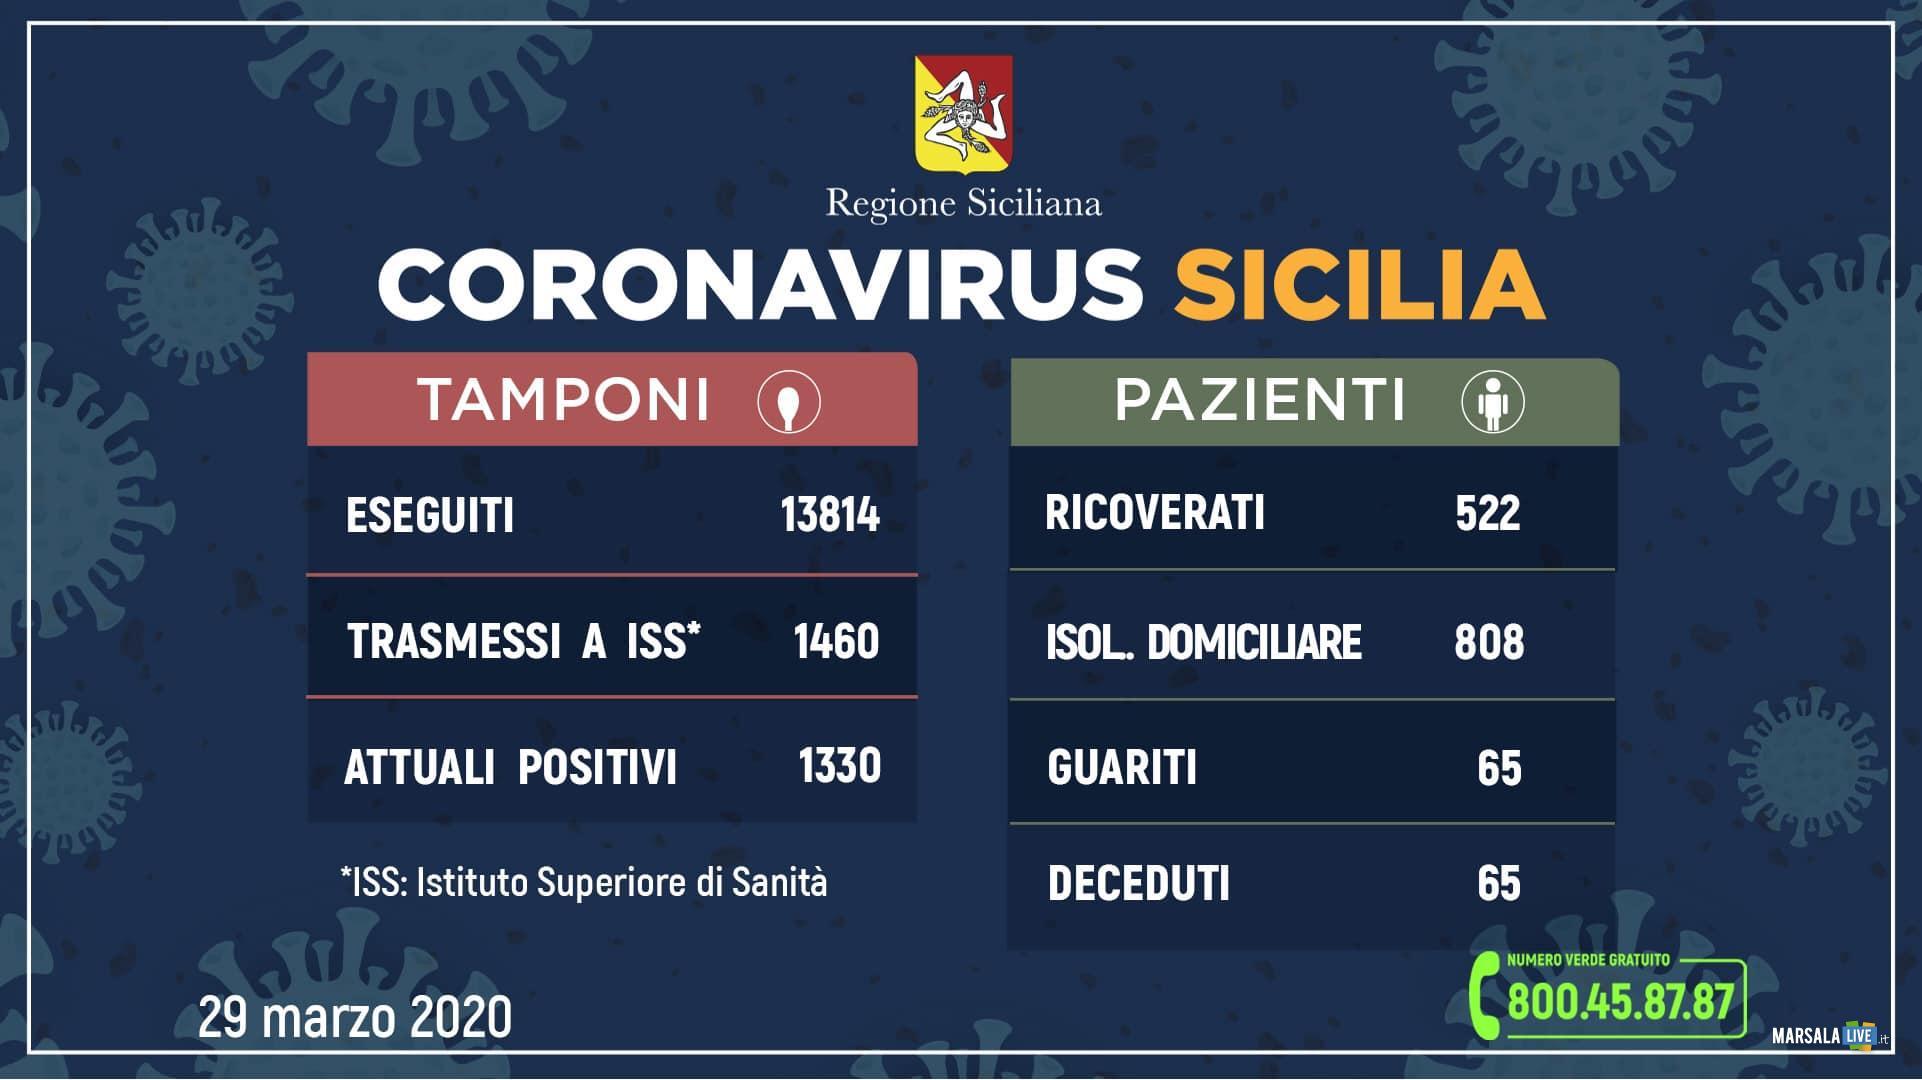 coronavirus sicilia domenica 29 marzo 2020 (2)